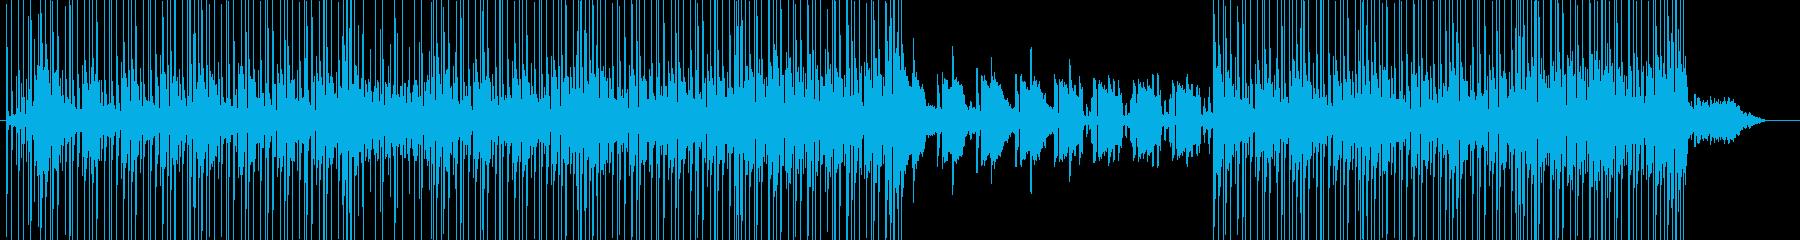 浮遊感90'sドラムンベース 夜の街の再生済みの波形